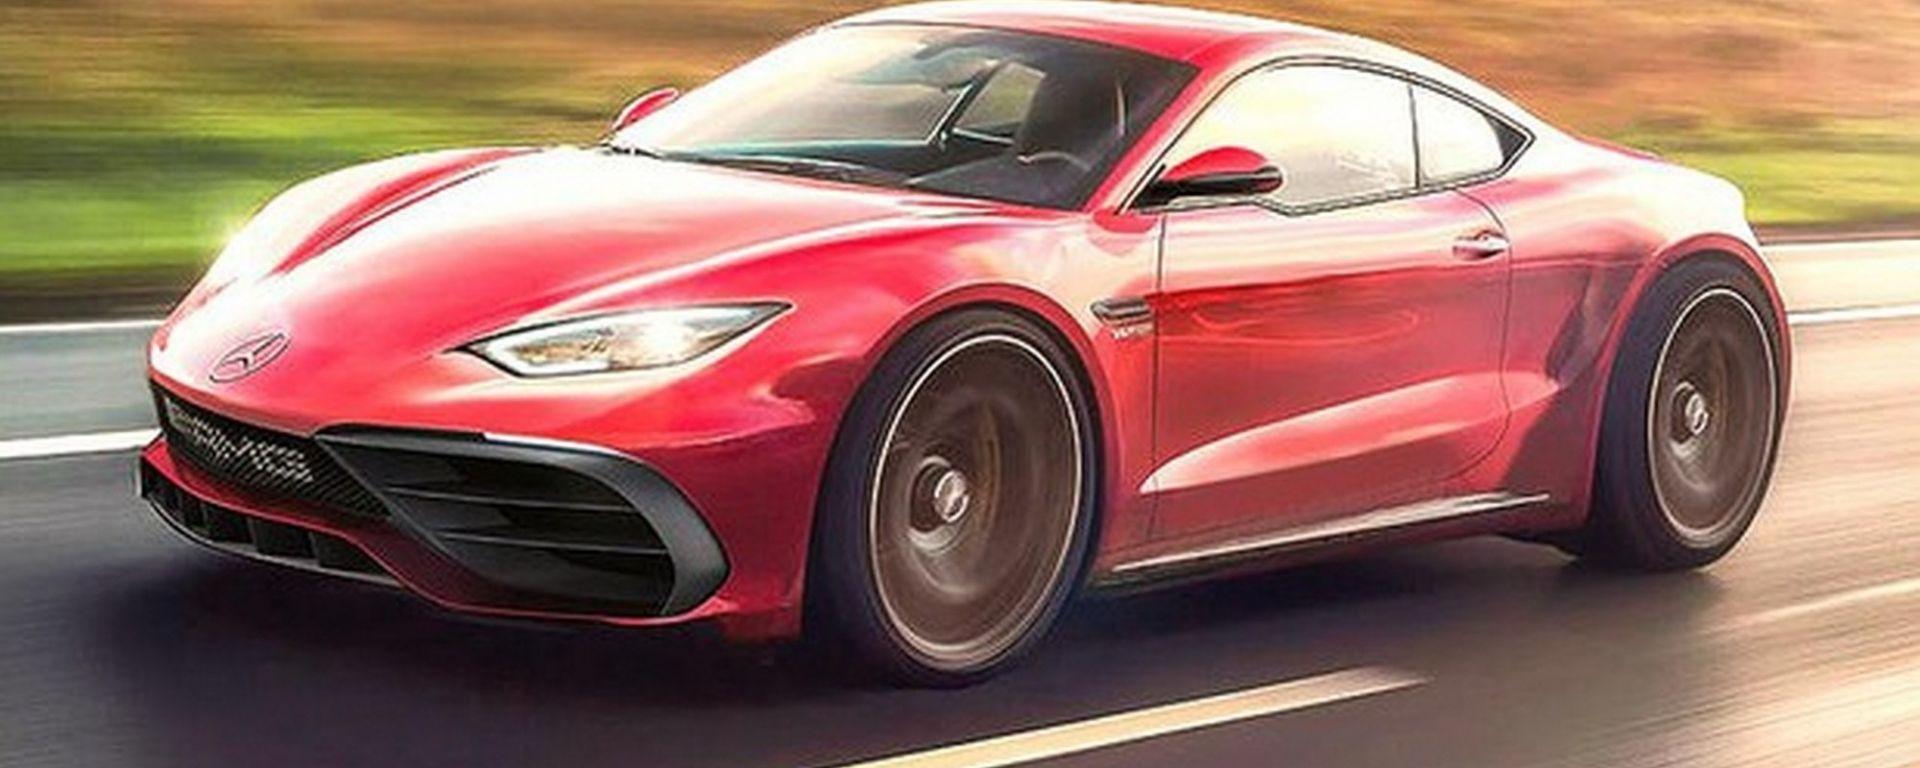 Mercedes AMG, in arrivo una piccola sportiva a motore centrale?